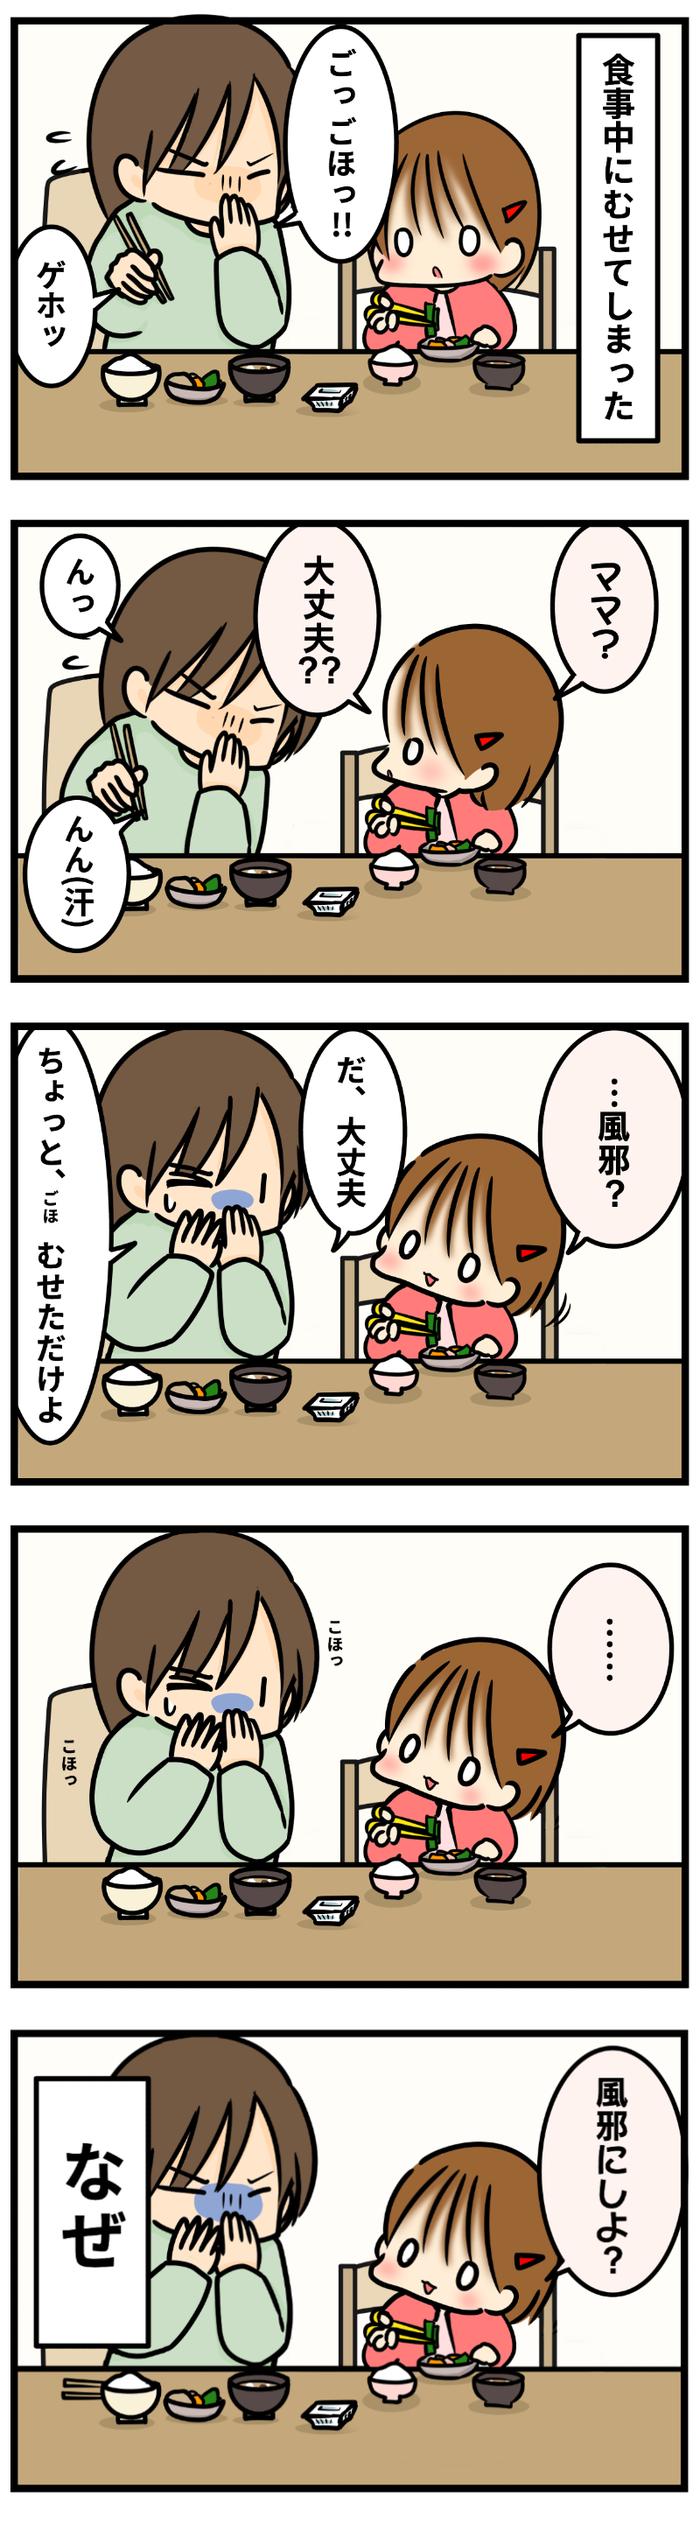 食事中に母をなでなでする娘。理由は…かわいい勘違いでした(笑)の画像1